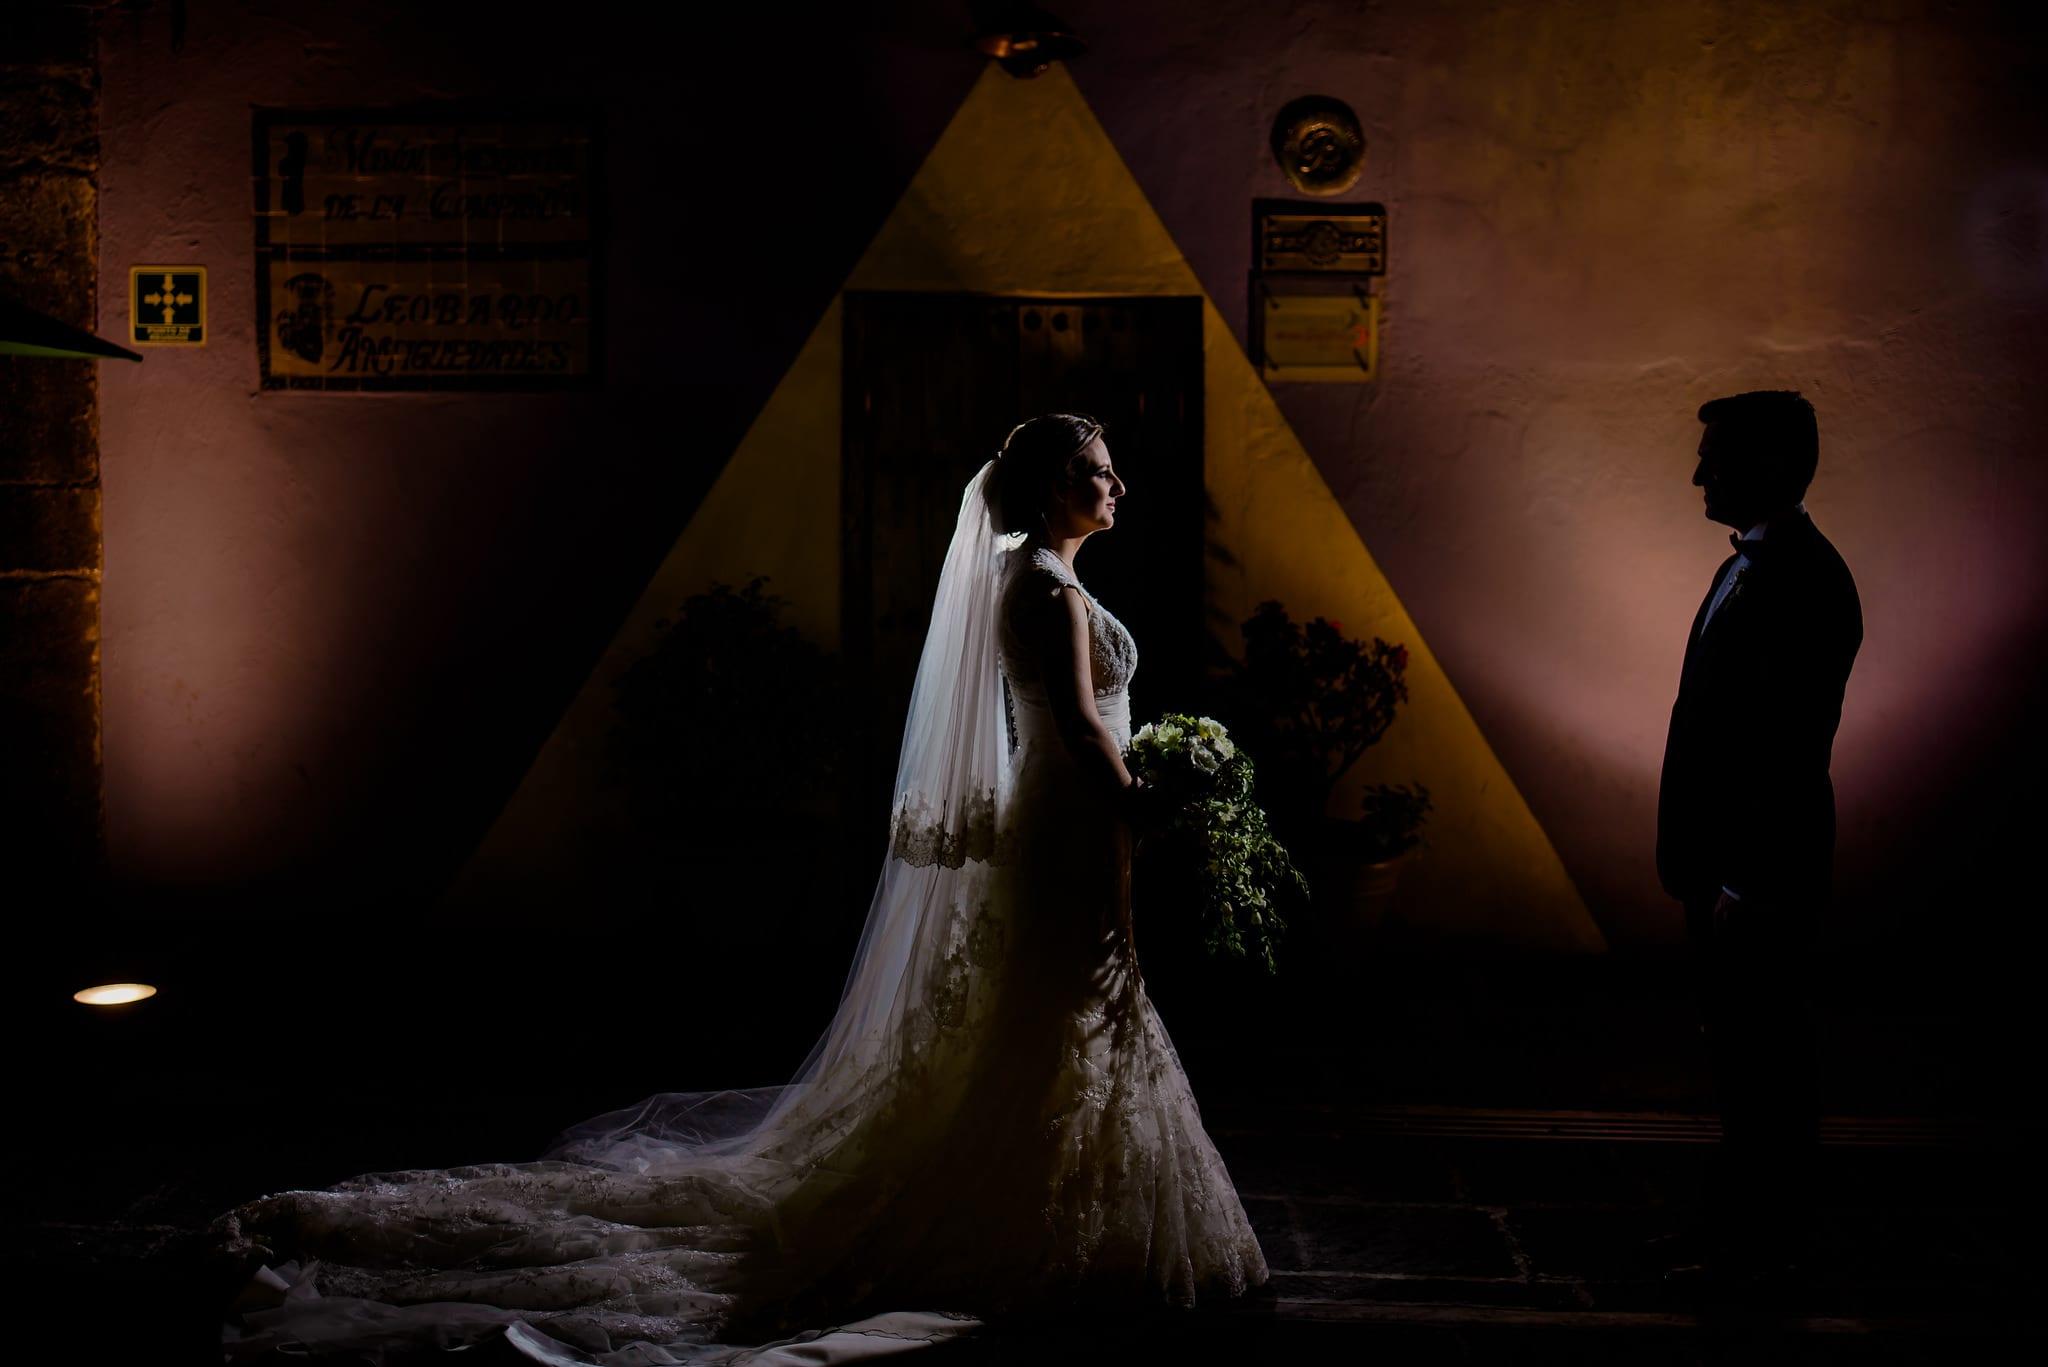 bodas-en-puebla-museo-de-san-pedro-la-compañia-0913